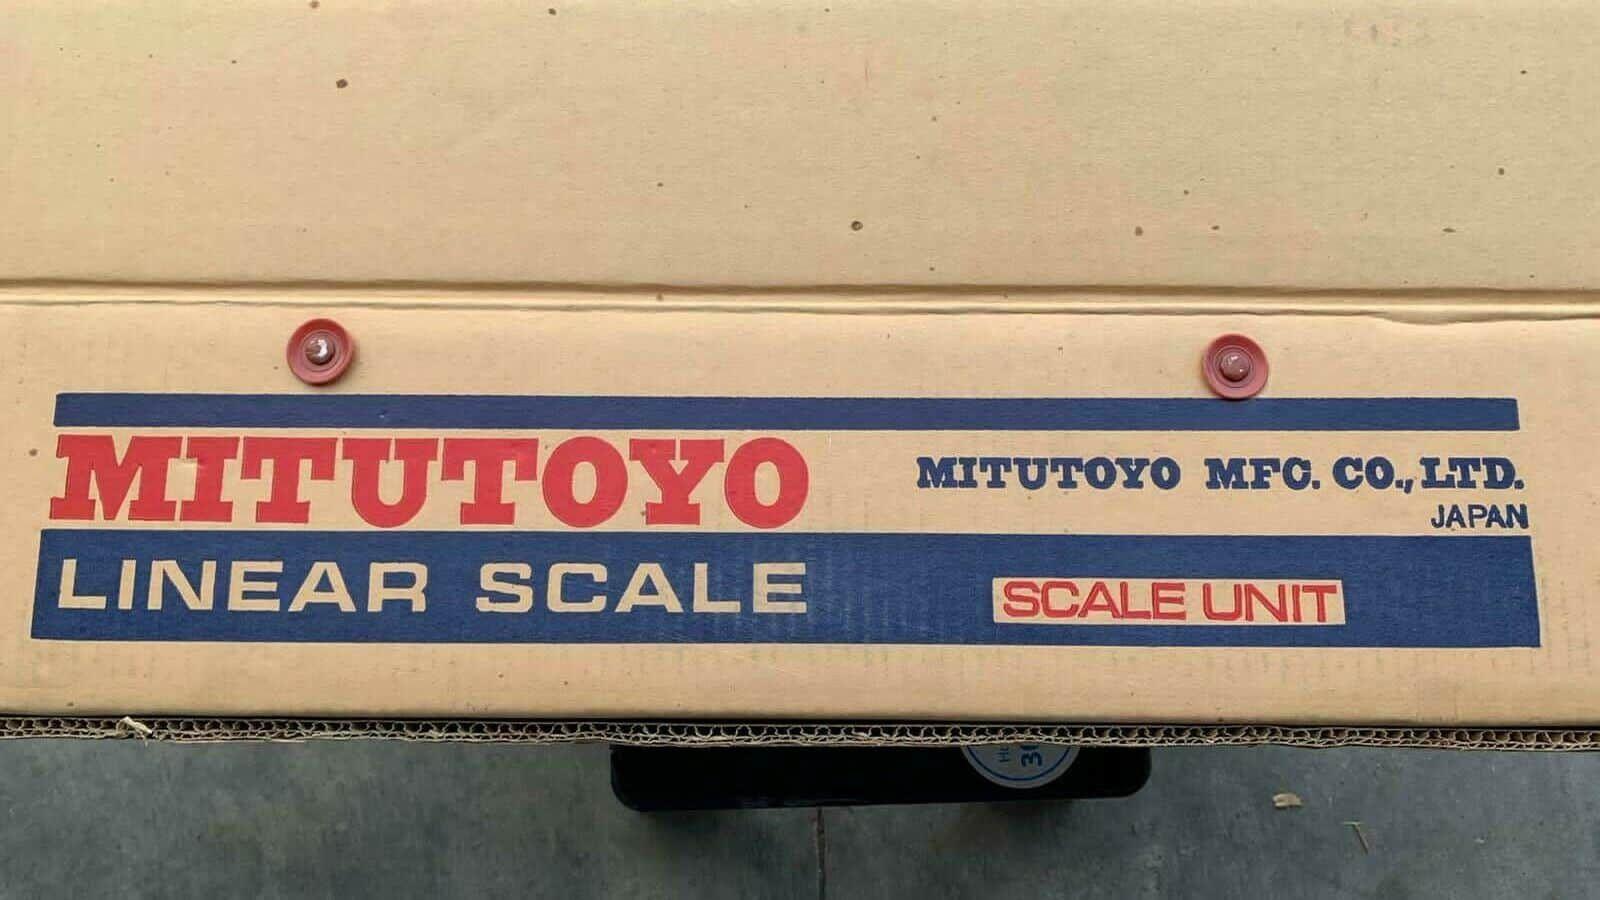 Mitutoyo Linear Scale 750MM MODEL